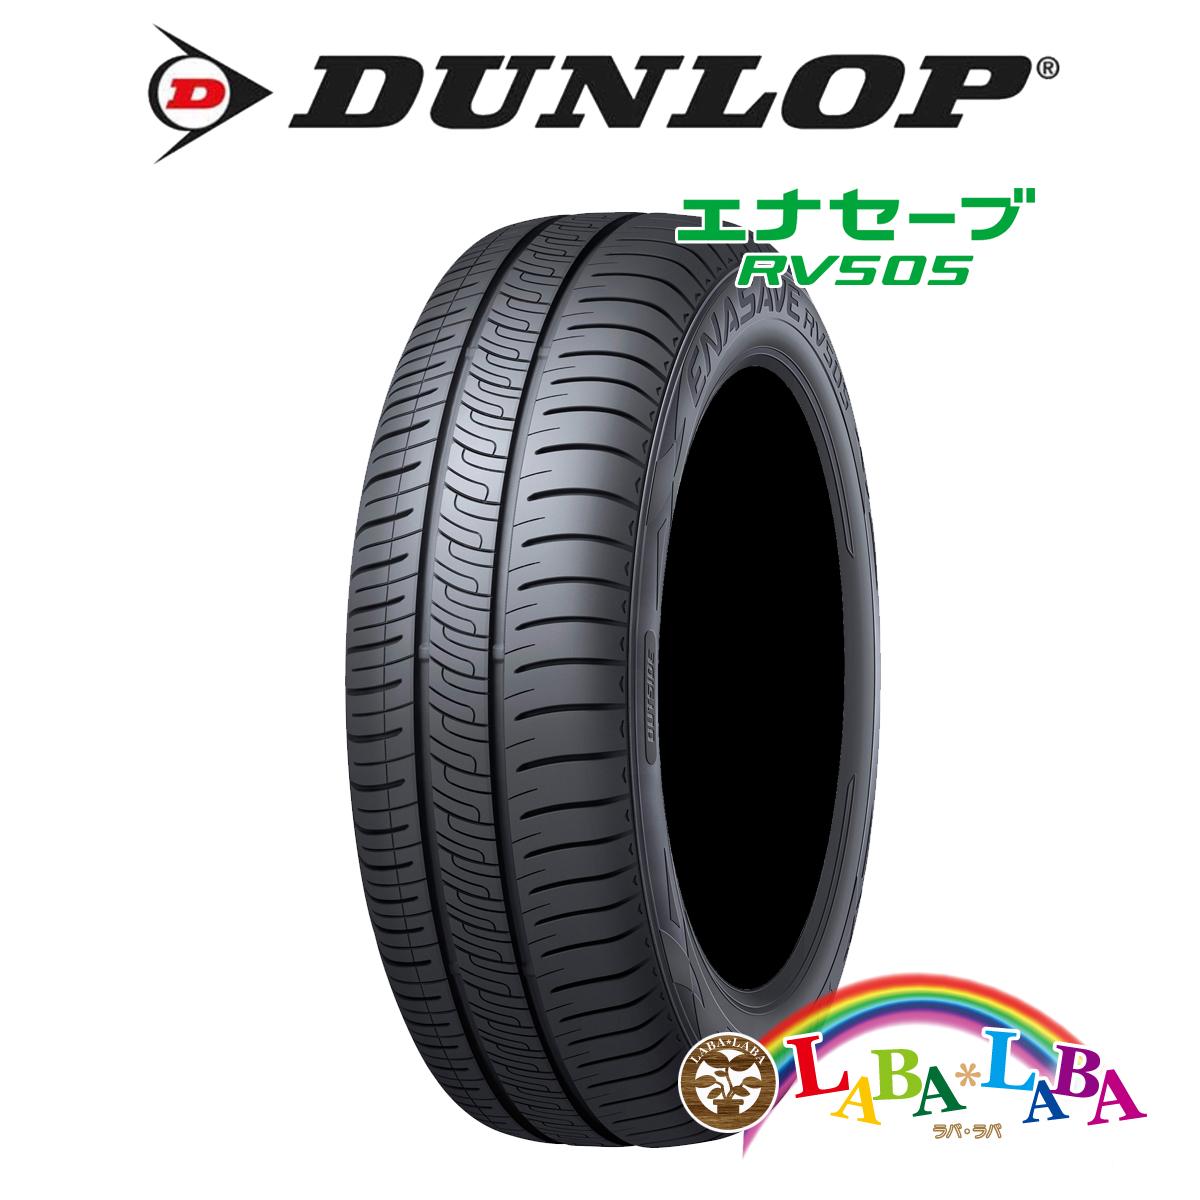 DUNLOP ダンロップ ENASAVE エナセーブ RV505 245/35R20 95W サマータイヤ ミニバン 4本セット